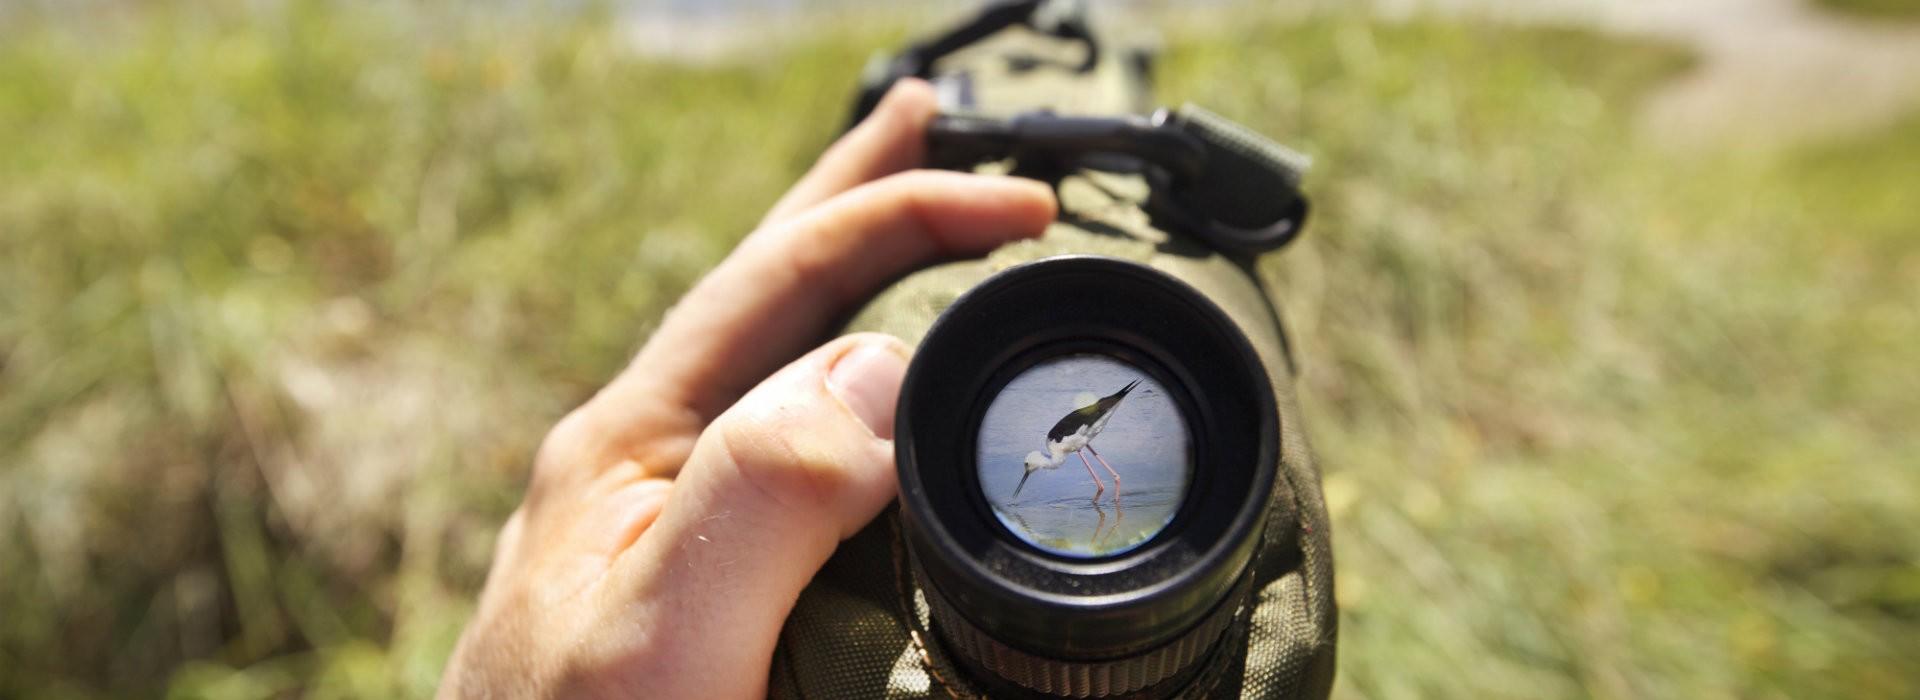 Le traict du Rostu, site privilégié pour observer les oiseaux - Teddy Locquard